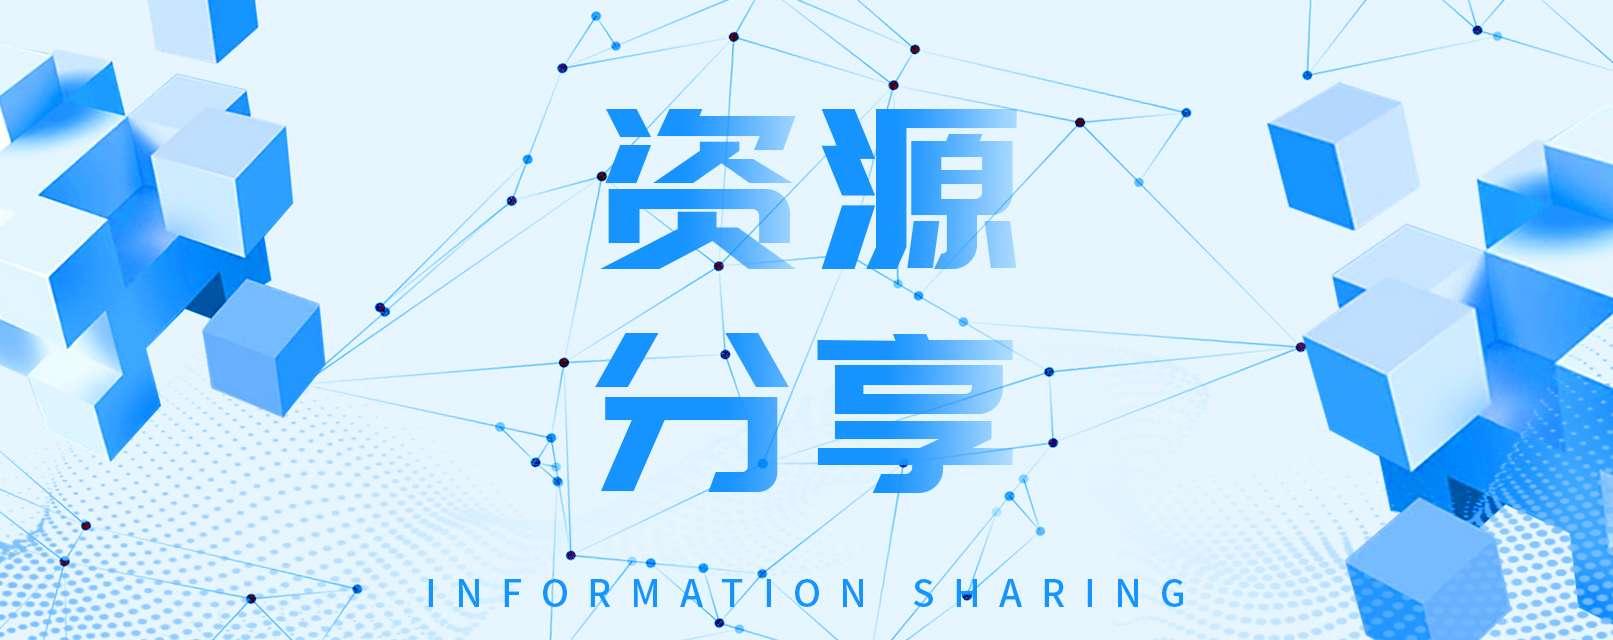 【资源分享】福昕PDF阅读器(强大的PDF阅读器)